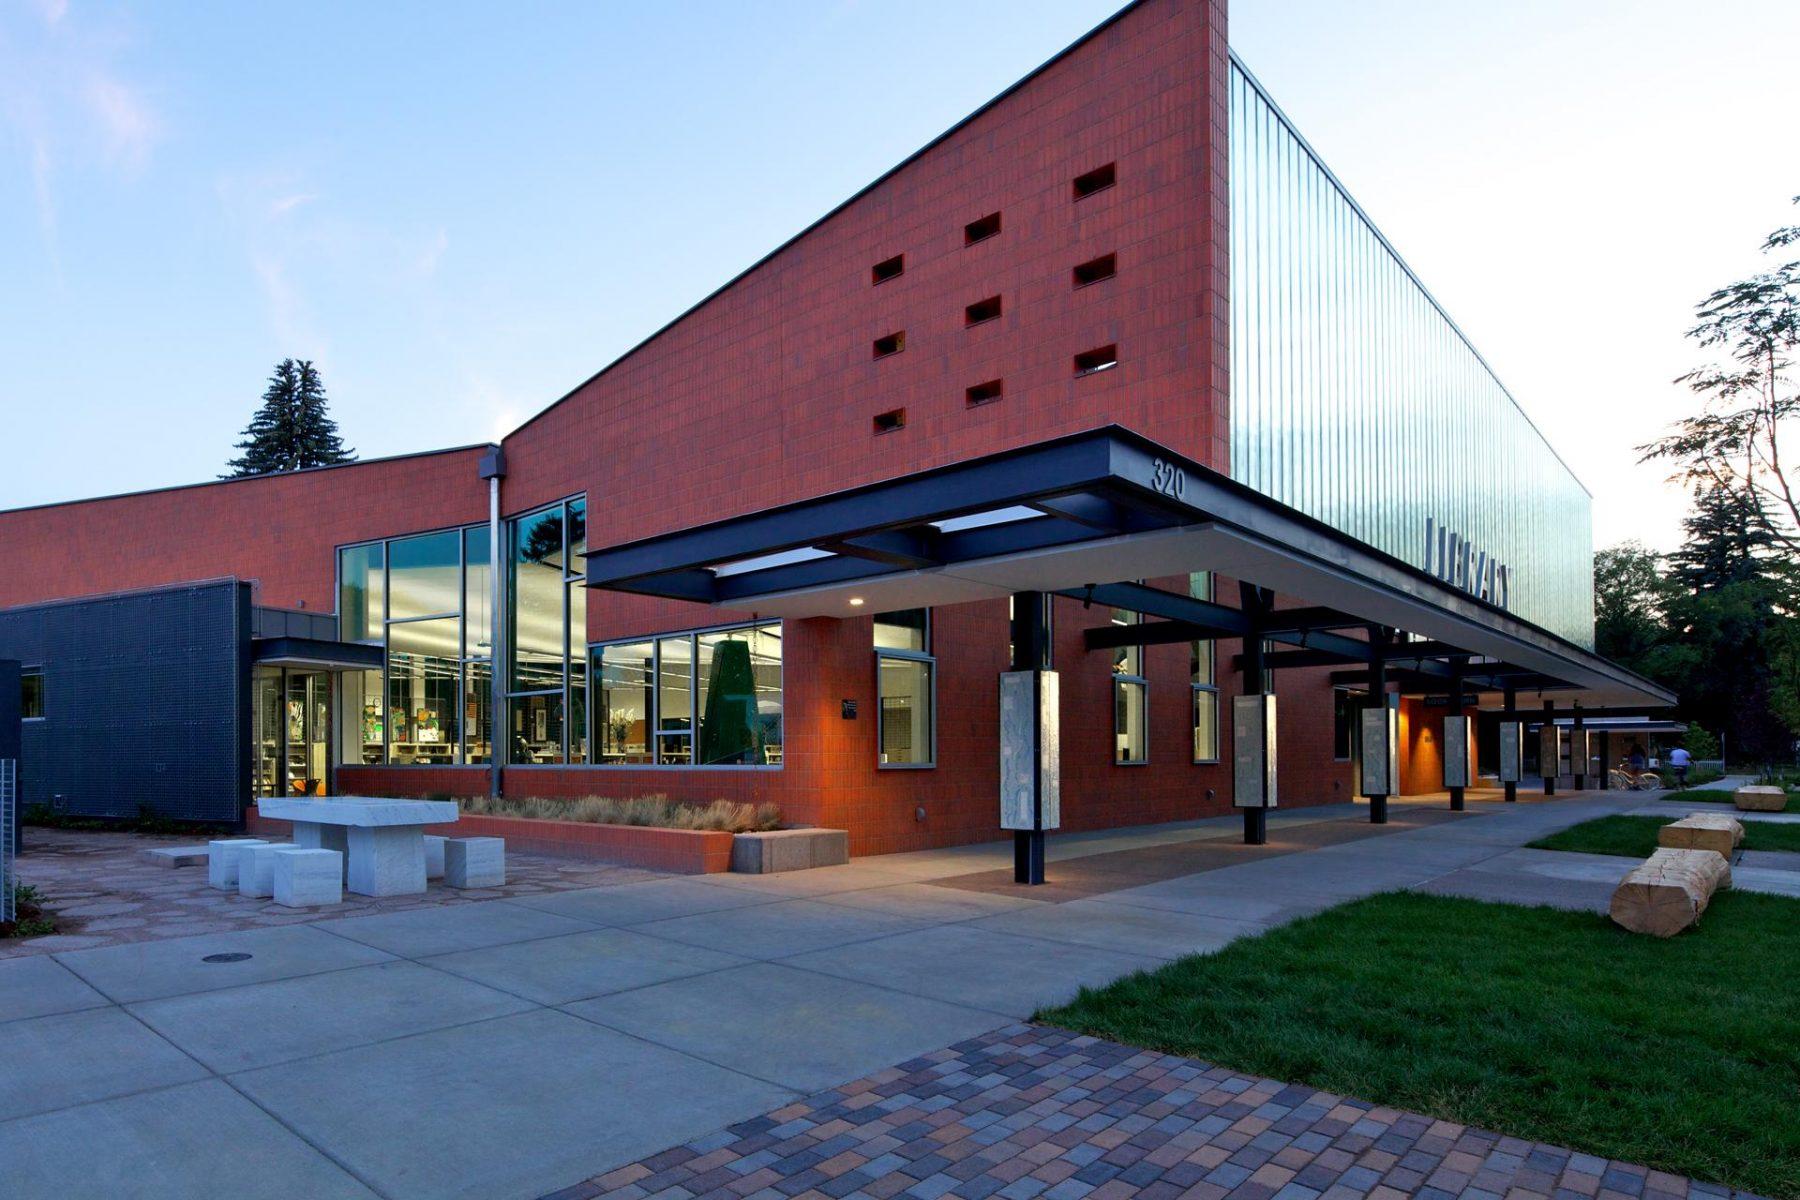 Carbondale Library Landscape Architecture